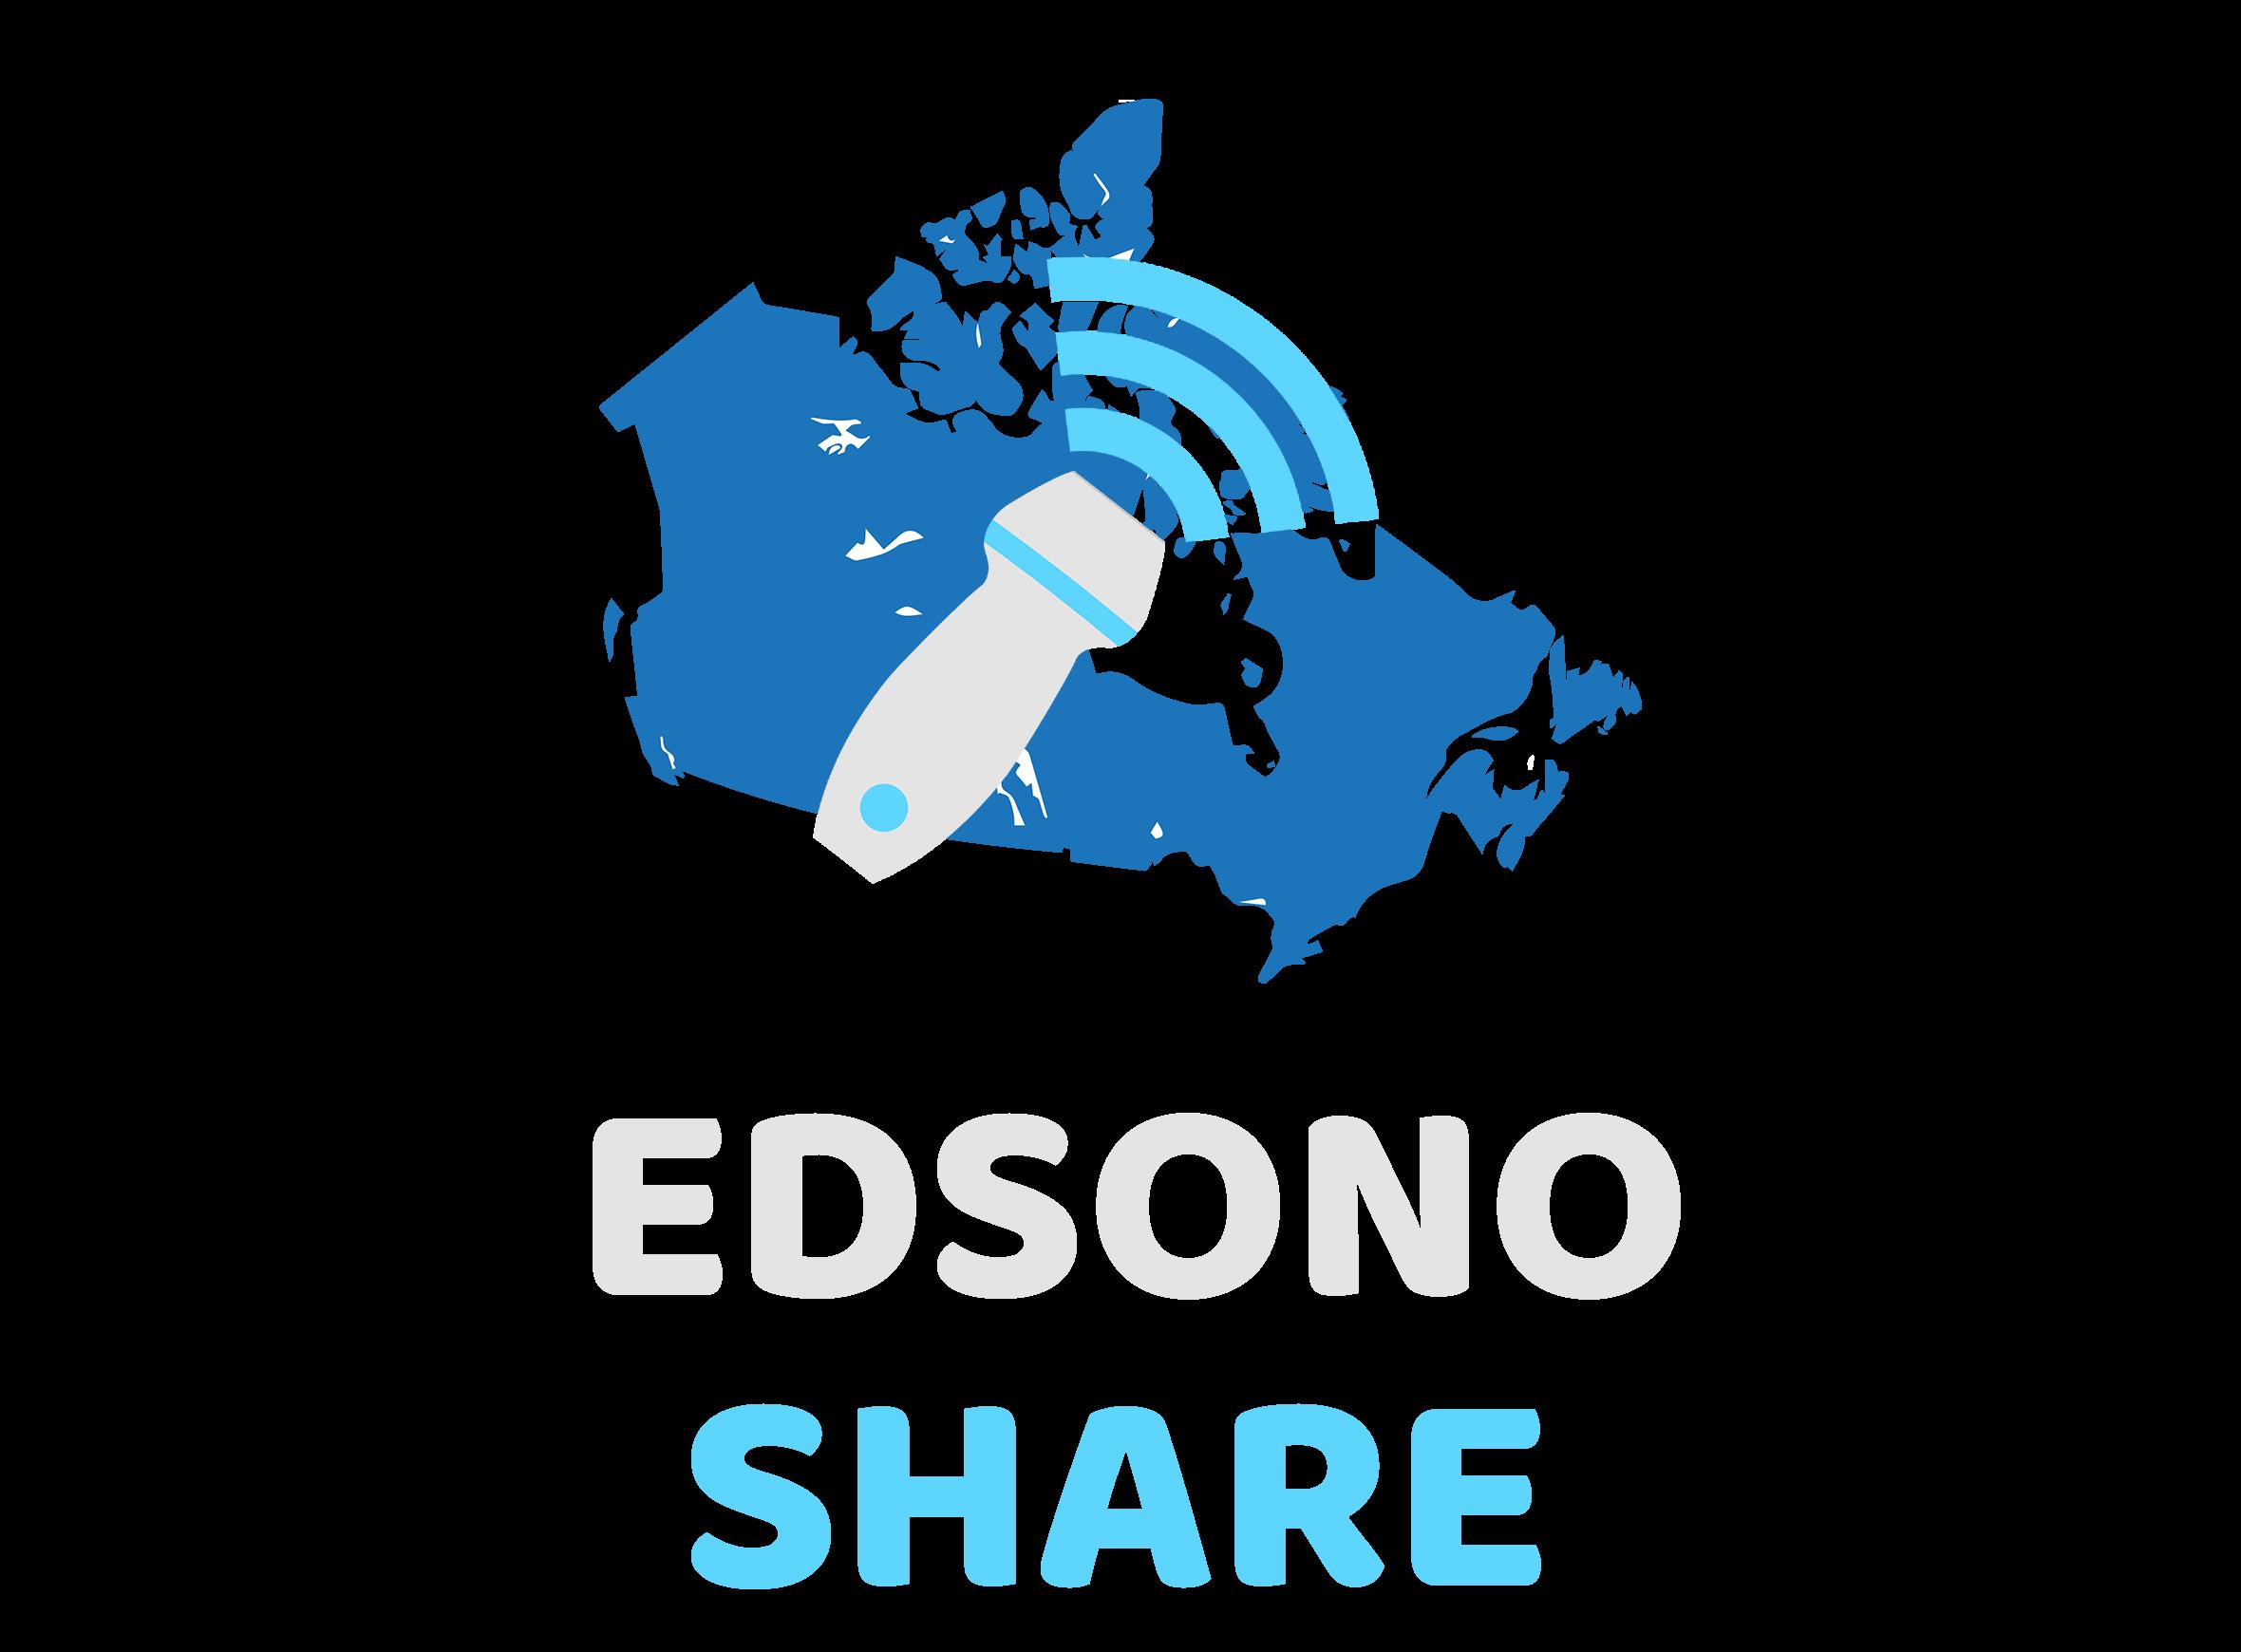 EDSonoShare